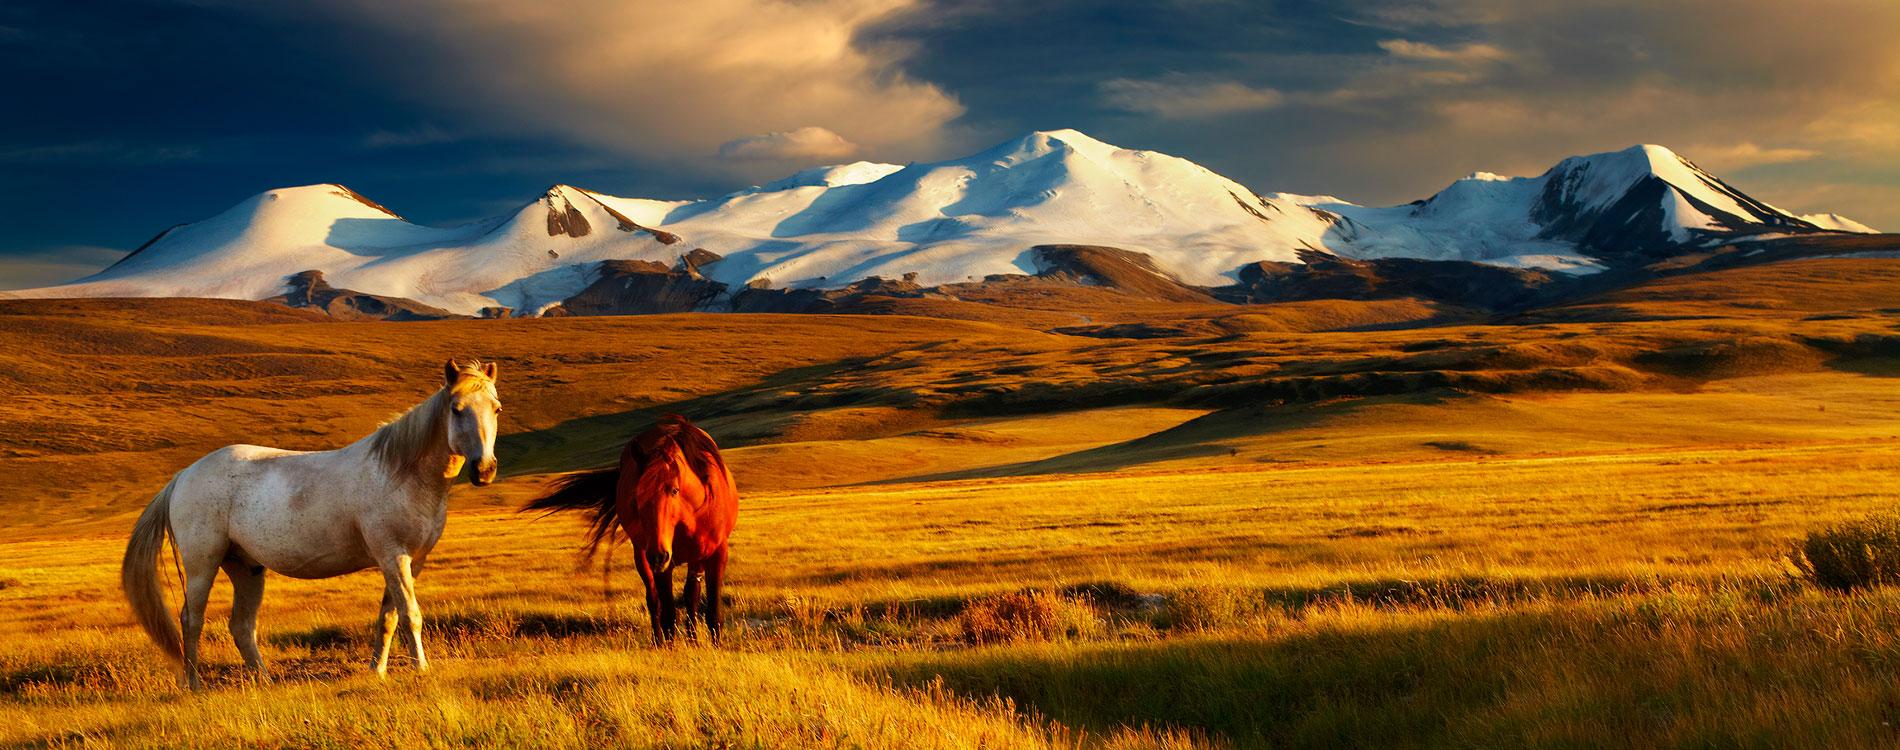 trasferirsi a vivere in Asia Mongolia